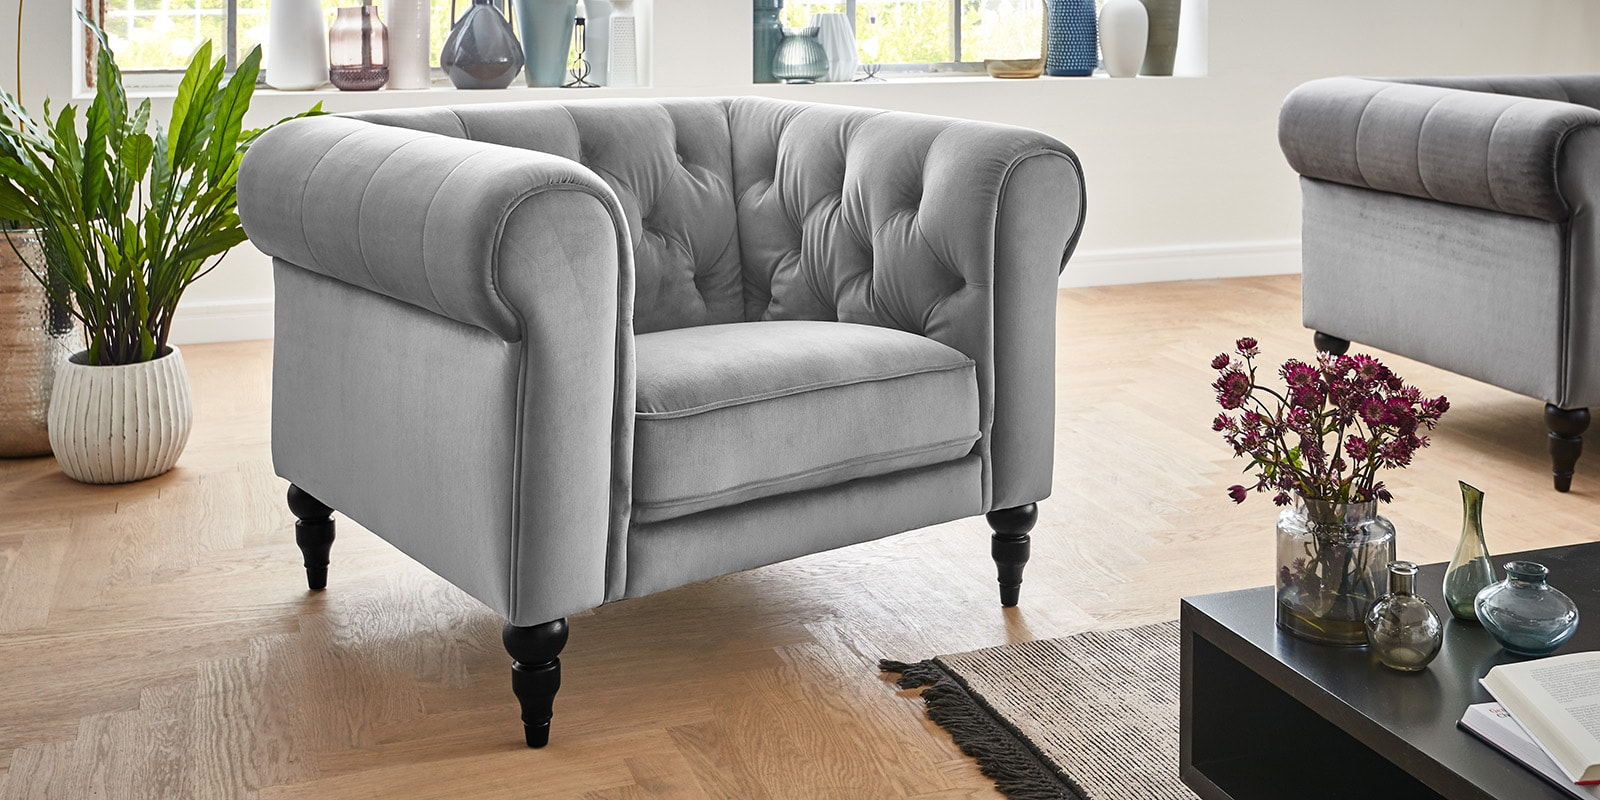 Moebella24 - 1-Sitzer - Sessel - Sofa - Hudson - Chesterfield - Samt - Grau - Dekorative - Nähte - und - Versteppungen - Knopfheftung - Barock-Design - Füße